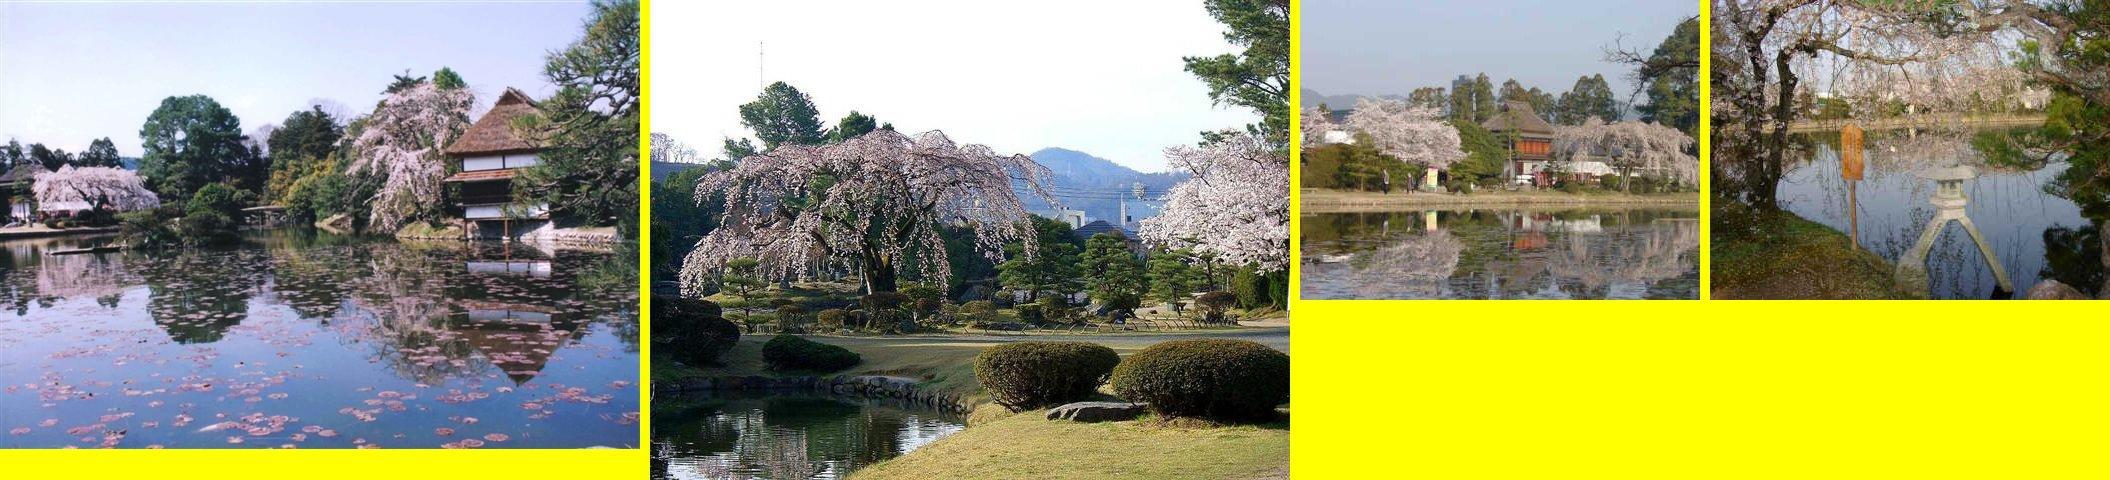 何といっても衆楽園は桜が最高です!!